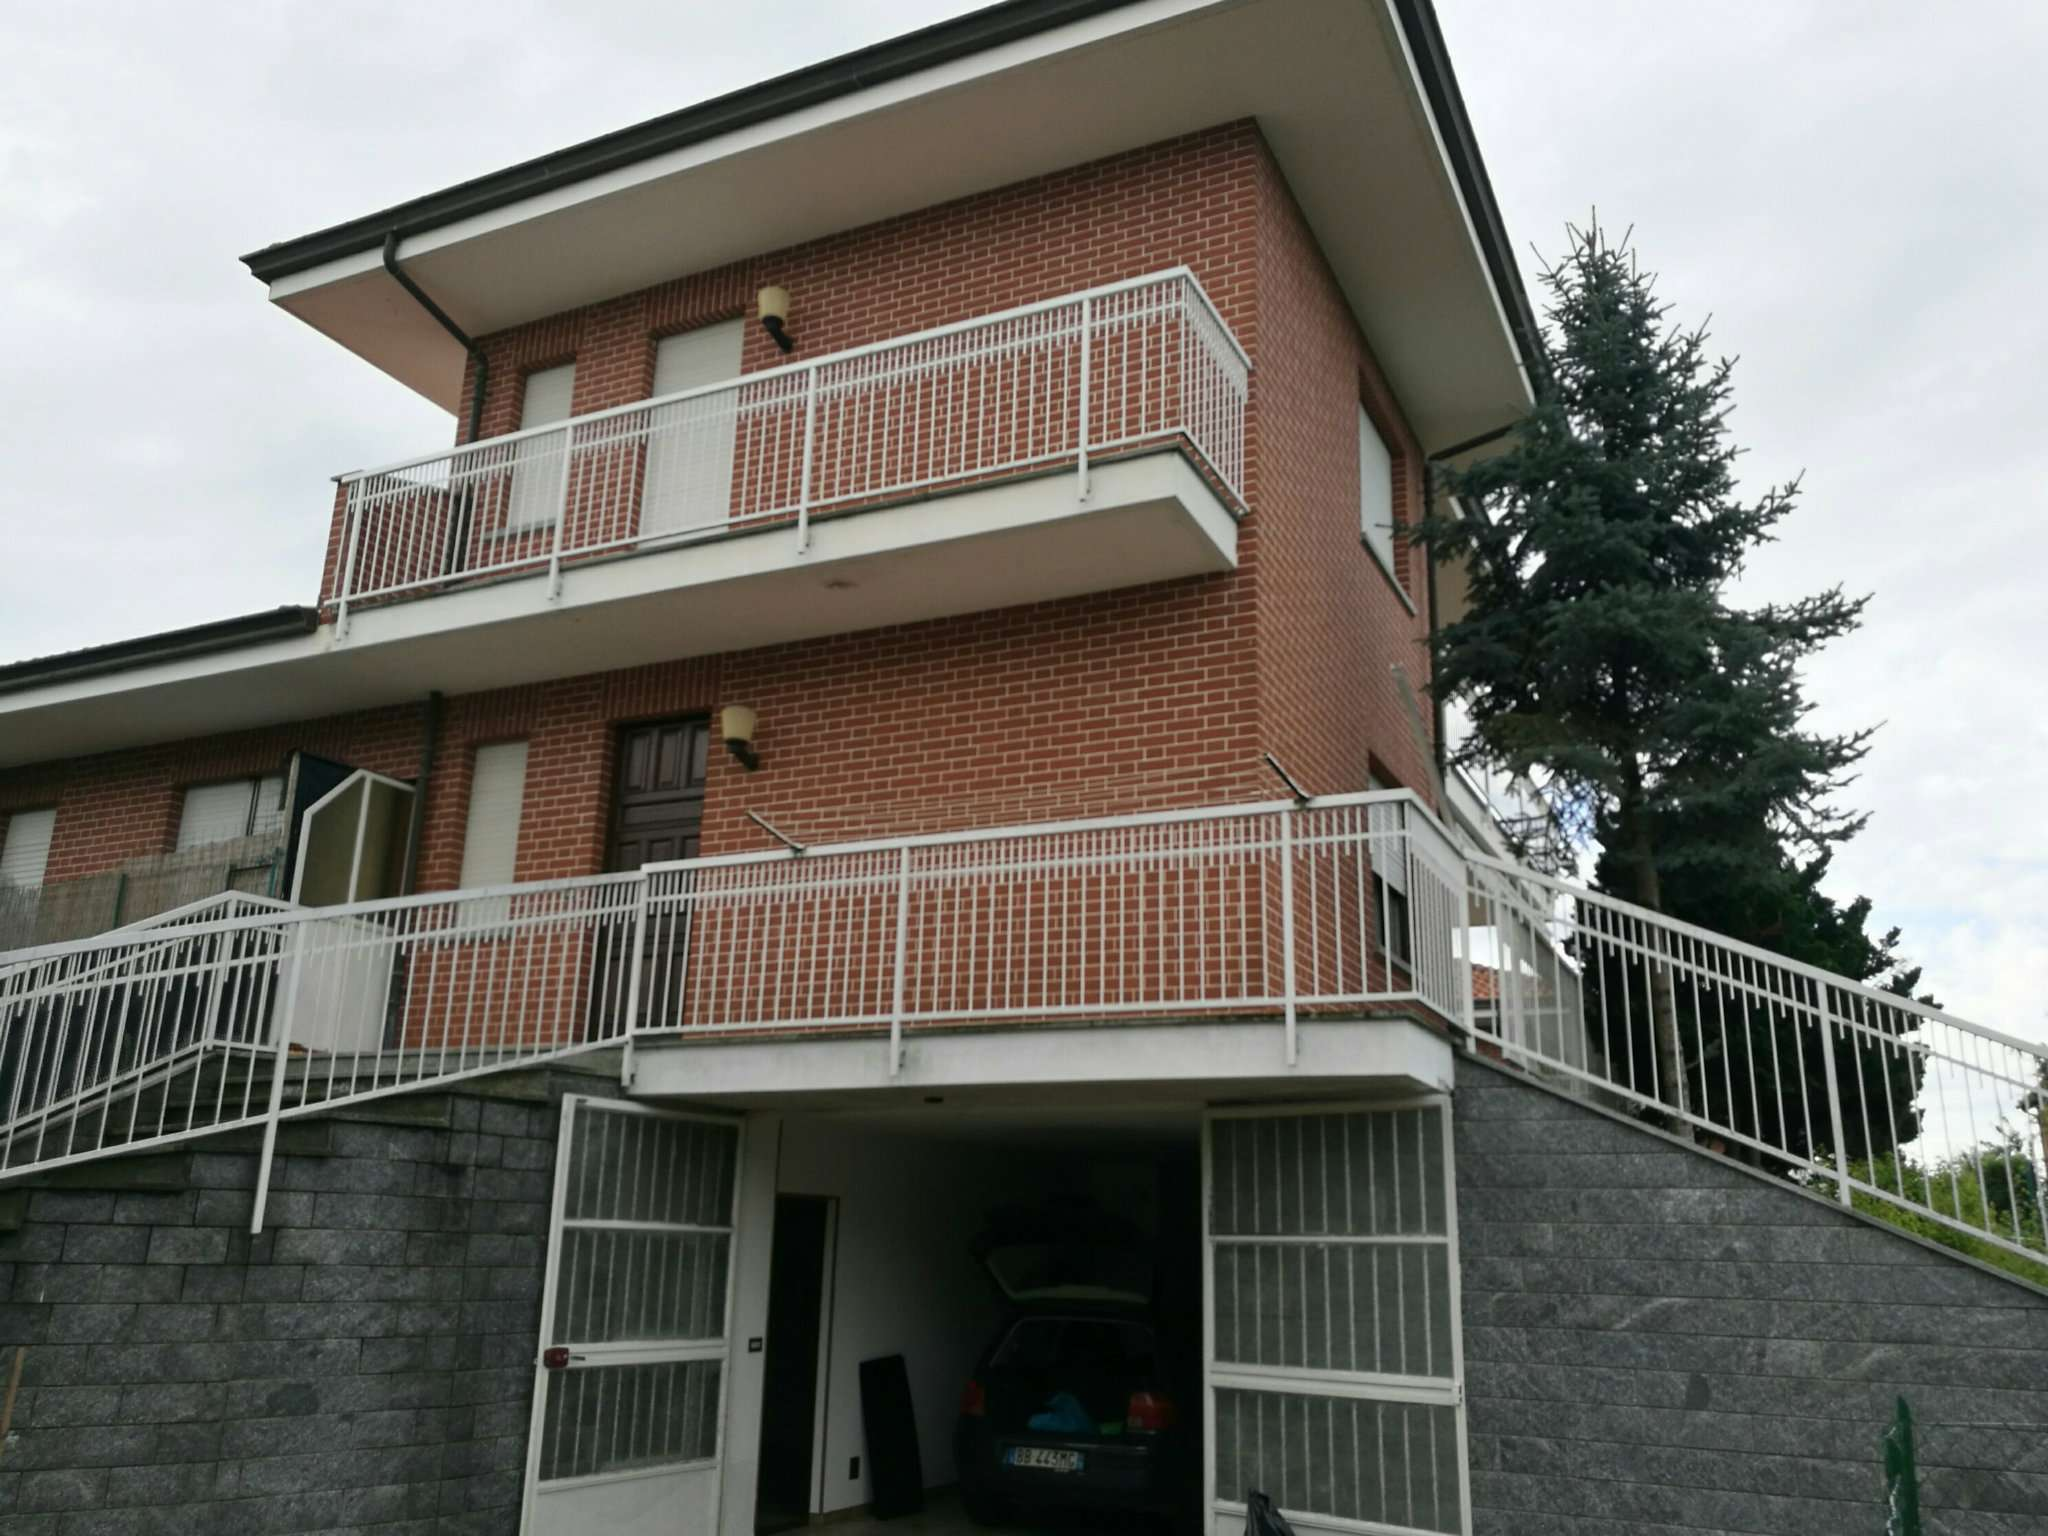 Soluzione Semindipendente in vendita a Vauda Canavese, 6 locali, prezzo € 247.000 | CambioCasa.it